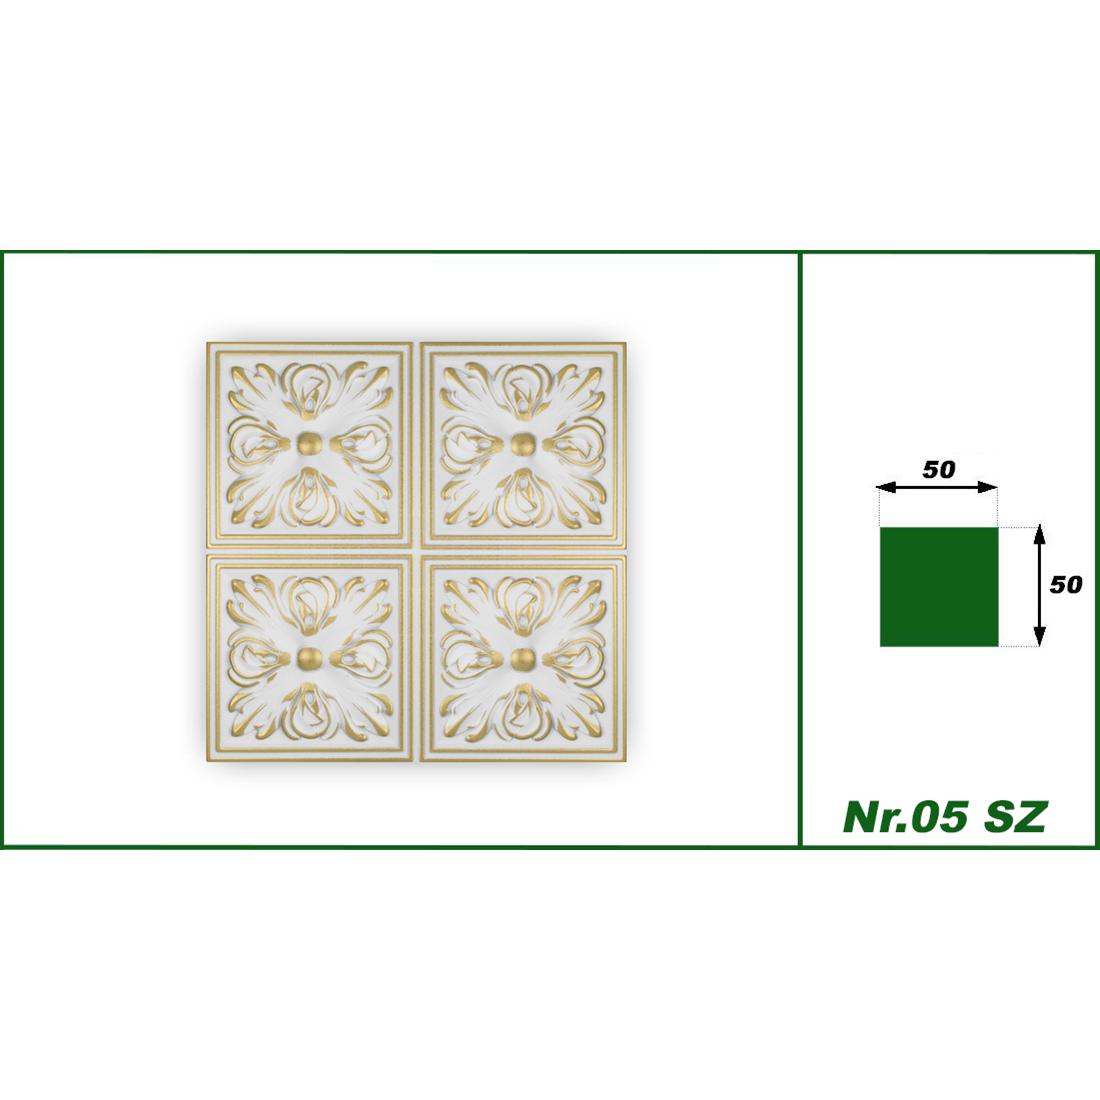 1 qm | Deckenplatten | XPS | formfest | Hexim | 50x50cm | Nr.05